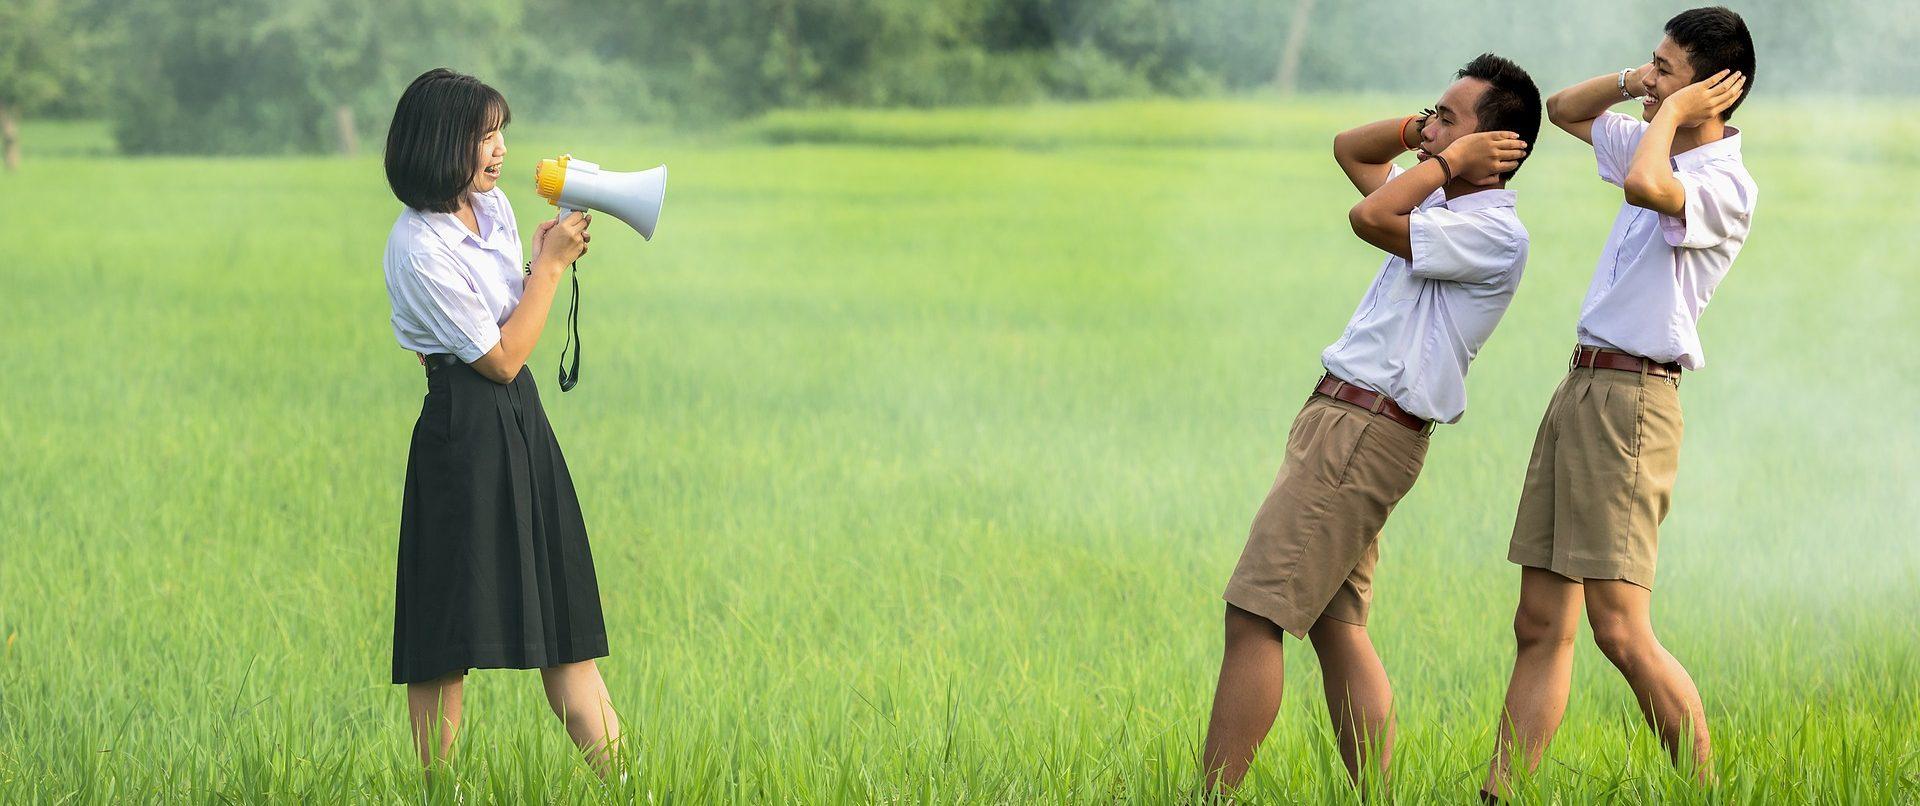 Hangosbeszélőn kiabáló lány, akitől két férfi ilyed meg